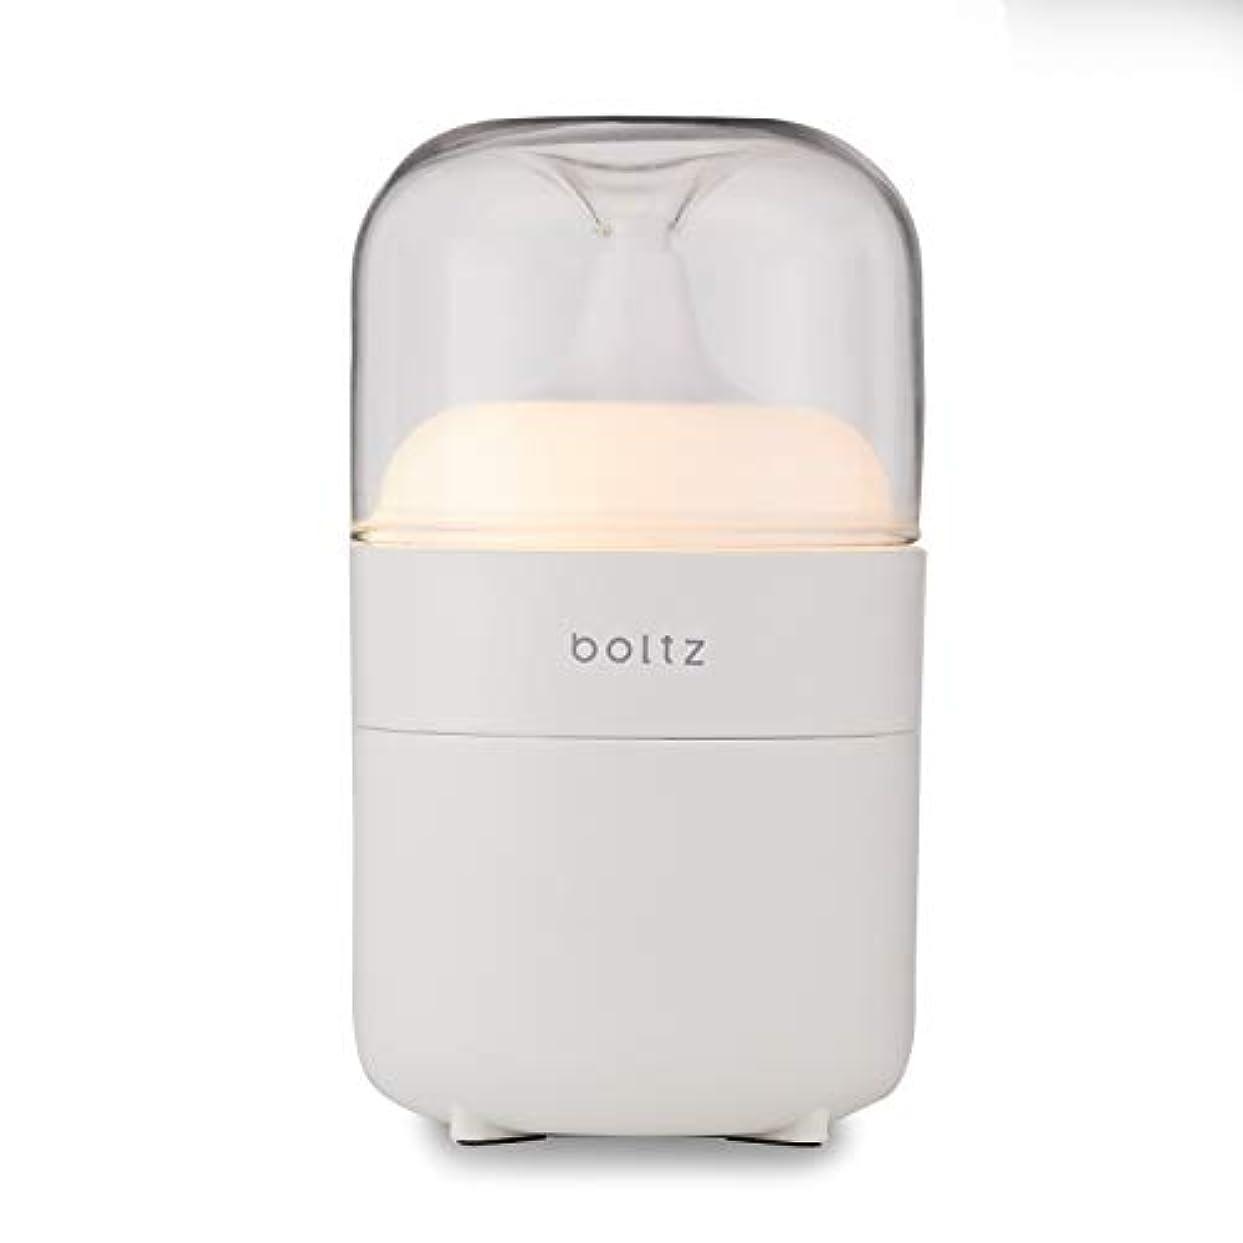 可愛いどれか保証boltz アロマディフューザー アロマバーナー ネプライザー式 アロマオイル対応 間接照明 USB対応